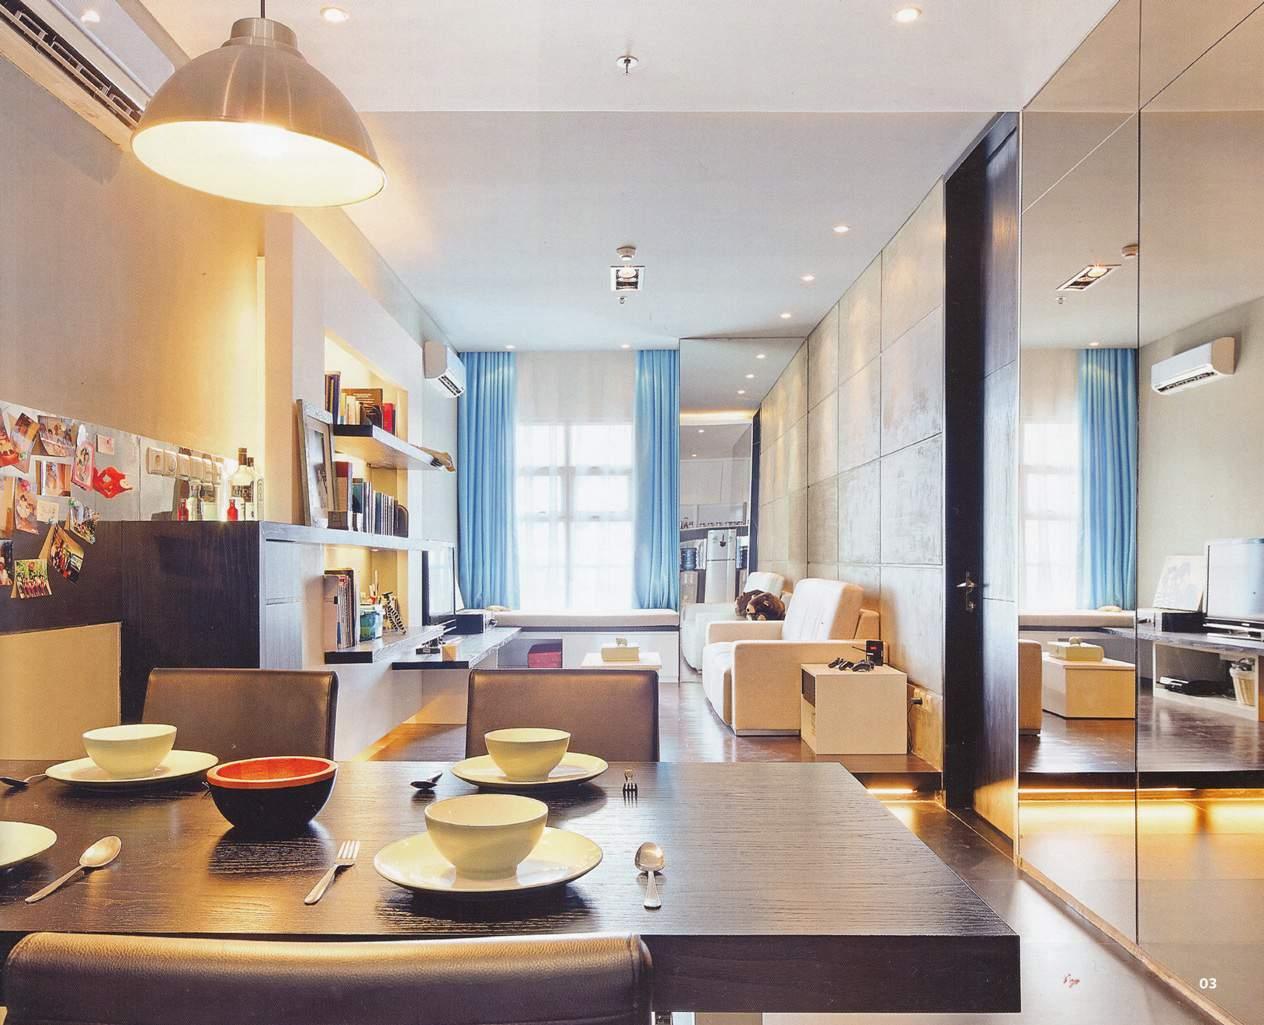 thiết kế nội thất chung cư 45m2, thiết kế căn hộ chung cư 45m2 hiện đại